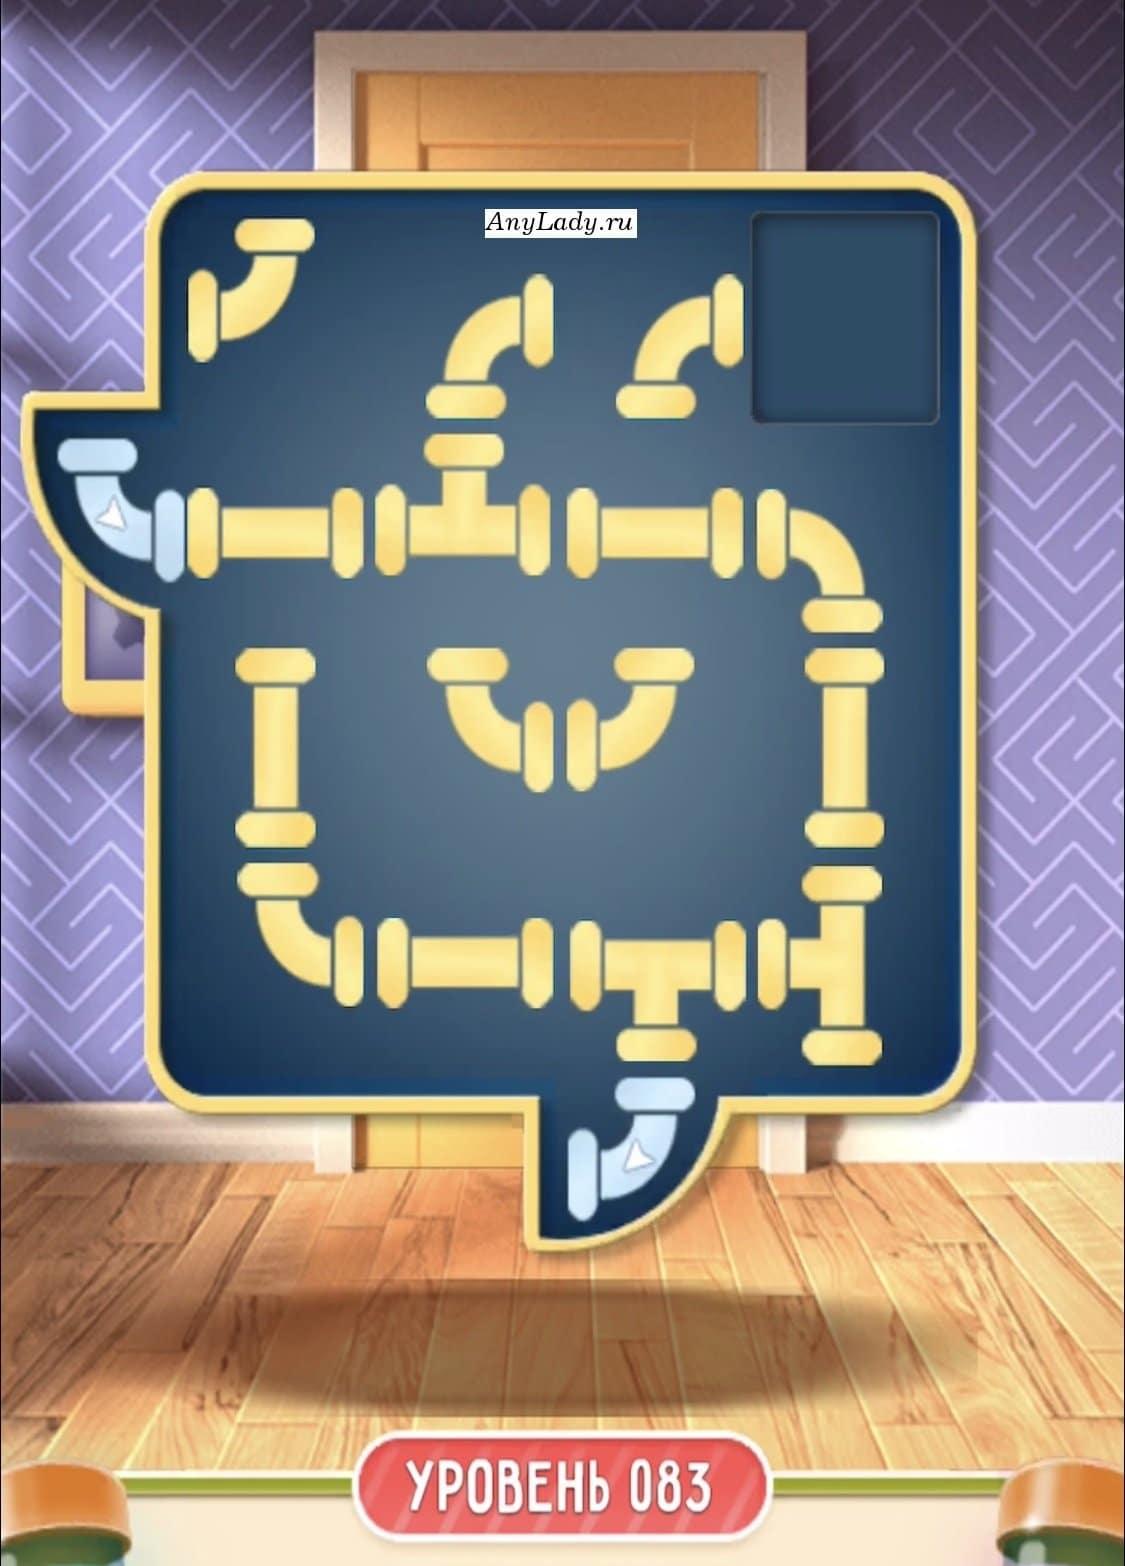 На данном уровне нужно верно собрать трубопровод с верхнего левого края, до нижнего правого, не прерывая конструкции. В раме около двери весит картинка нажмите на нее и начните по порядку собирать.